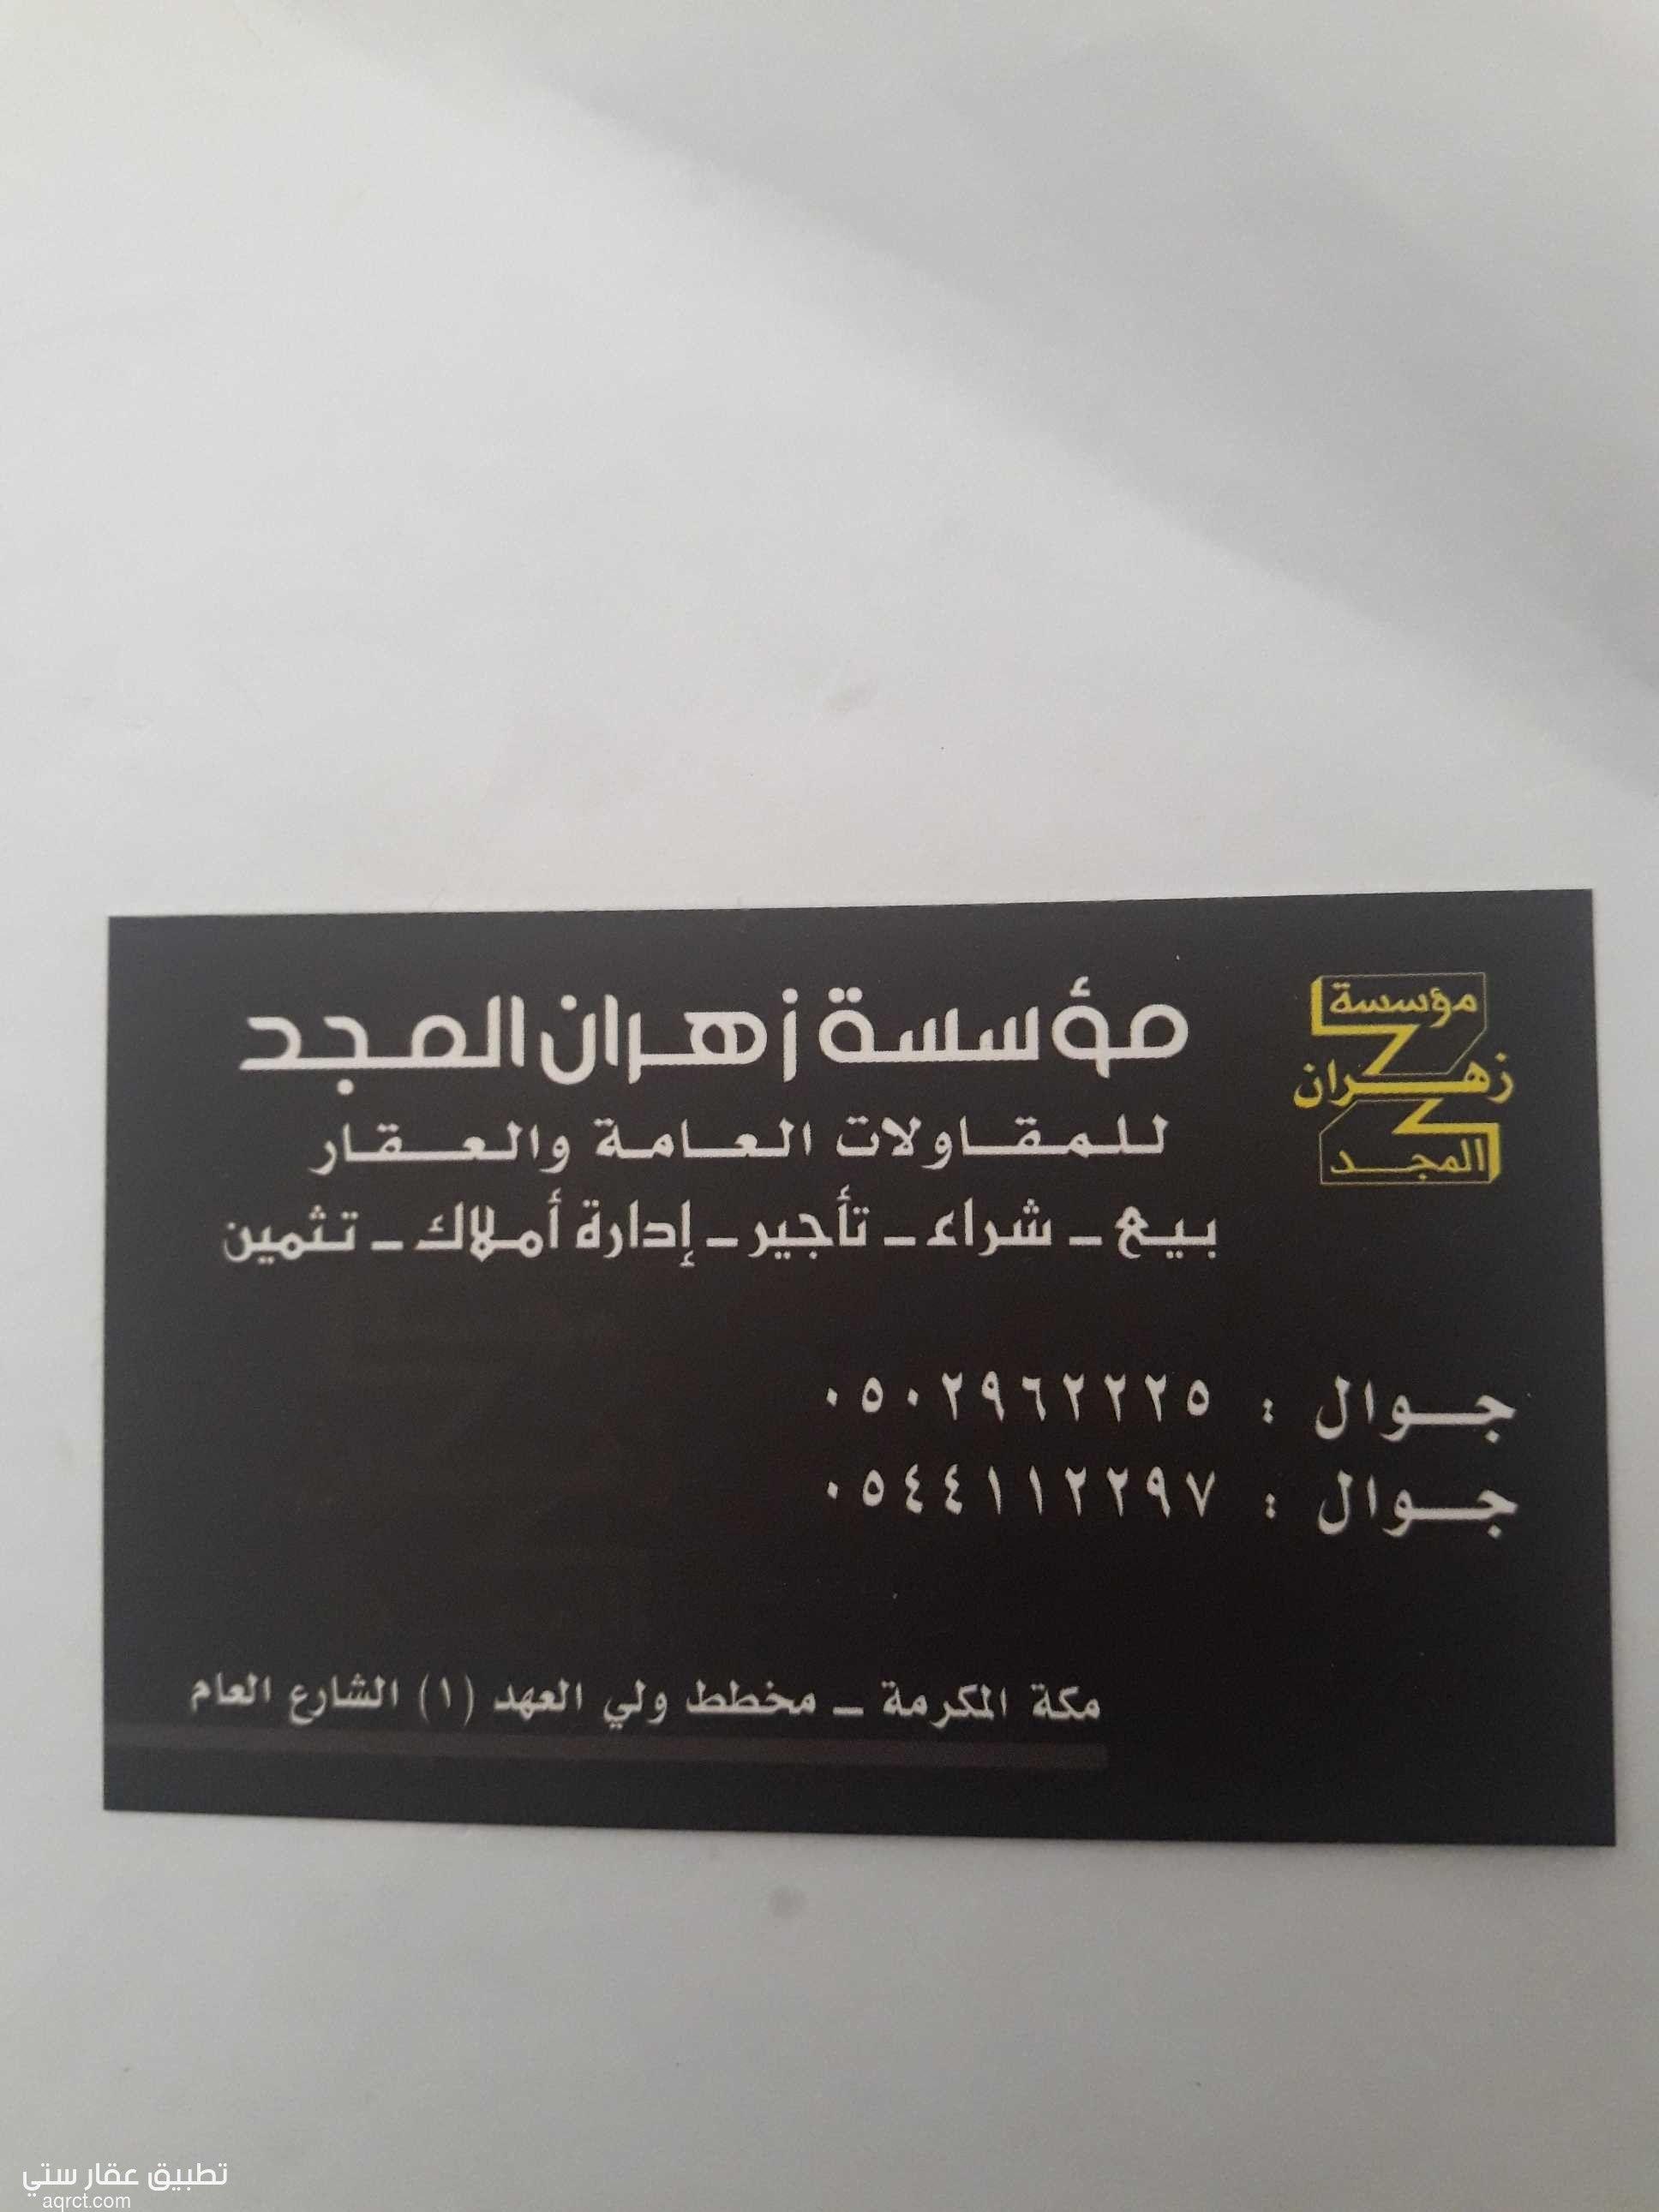 اراضي للبيع في مكة مخطط ولي العهد